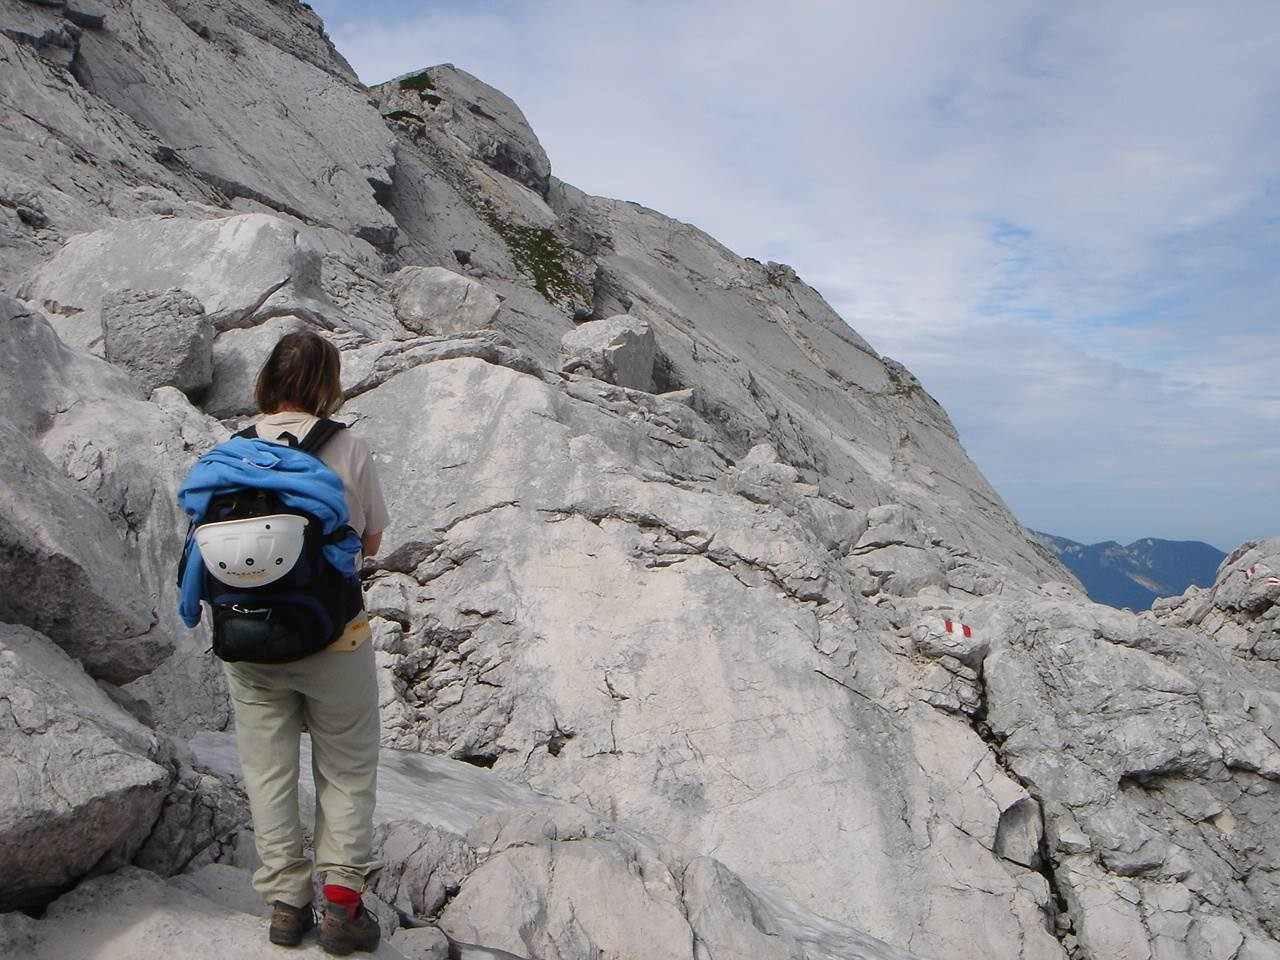 Foto: Manfred Karl / Wander Tour / Auf den Zwölfer über den Grießkarsteig / Hier muss man genau auf die Markierung achten. / 18.05.2007 14:34:52